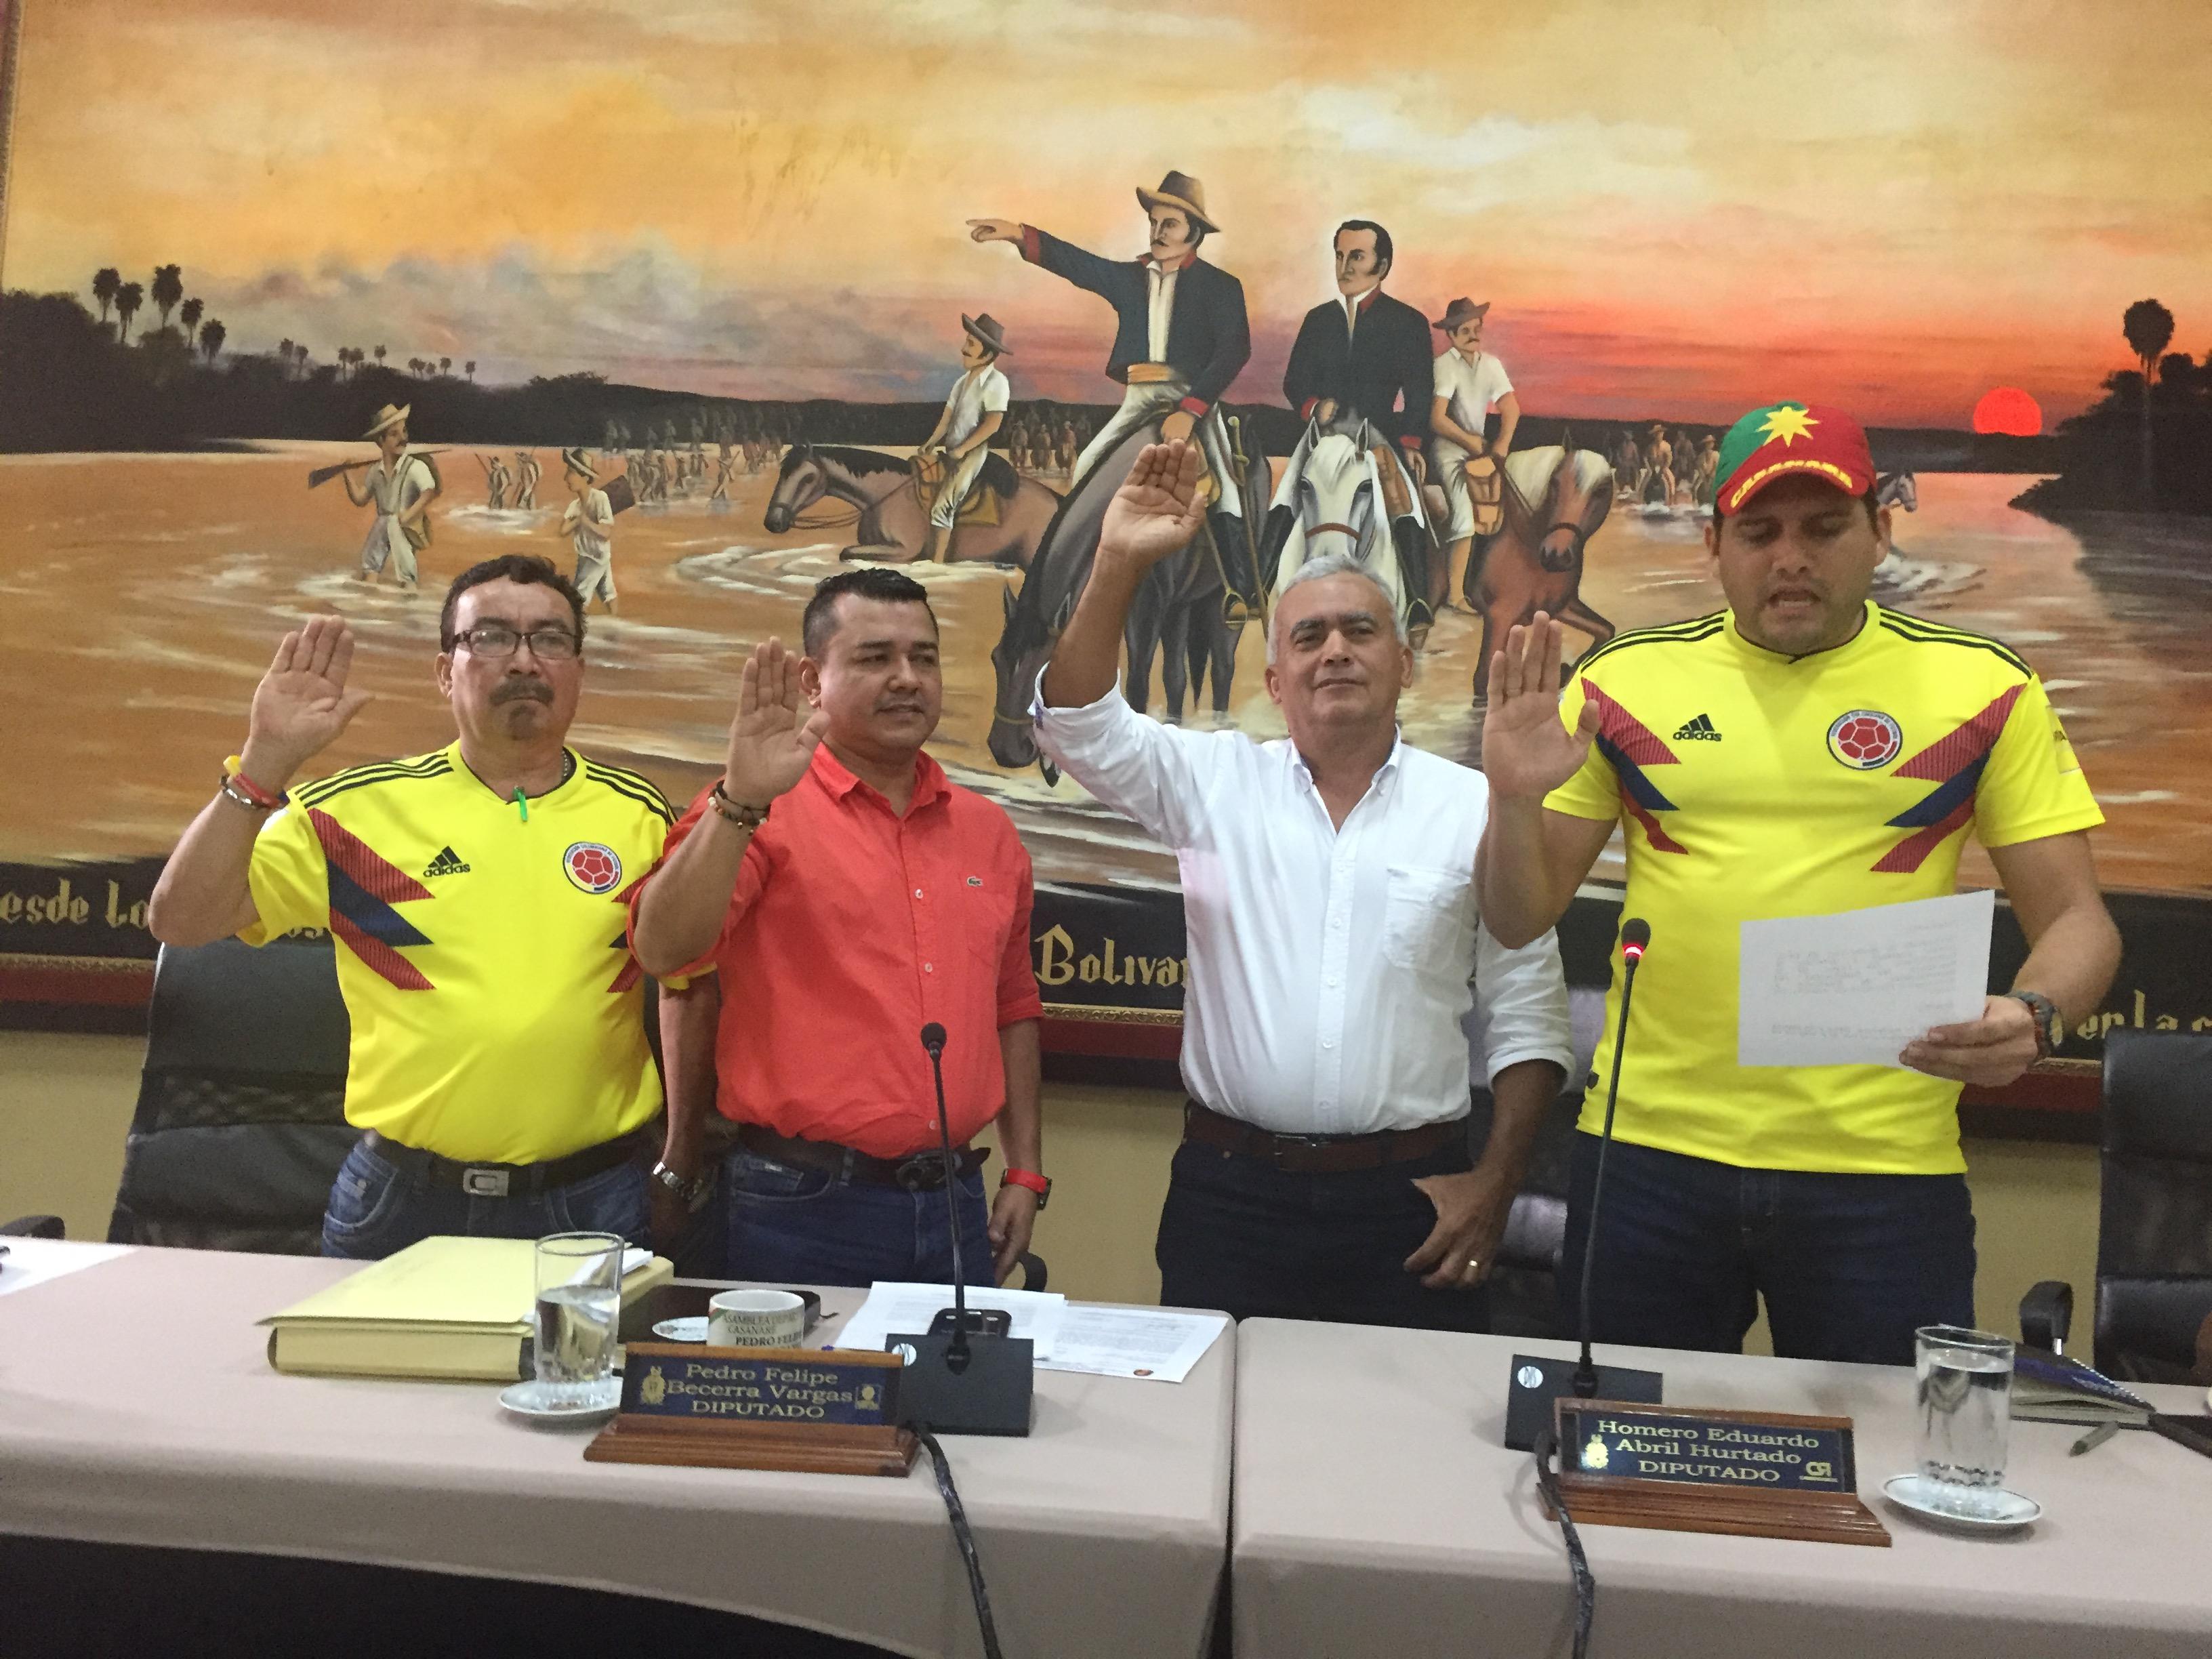 Nuevo Presidente de la Asamblea José Barrera  llega a  controlar políticamente gobierno de Alirio Barrera